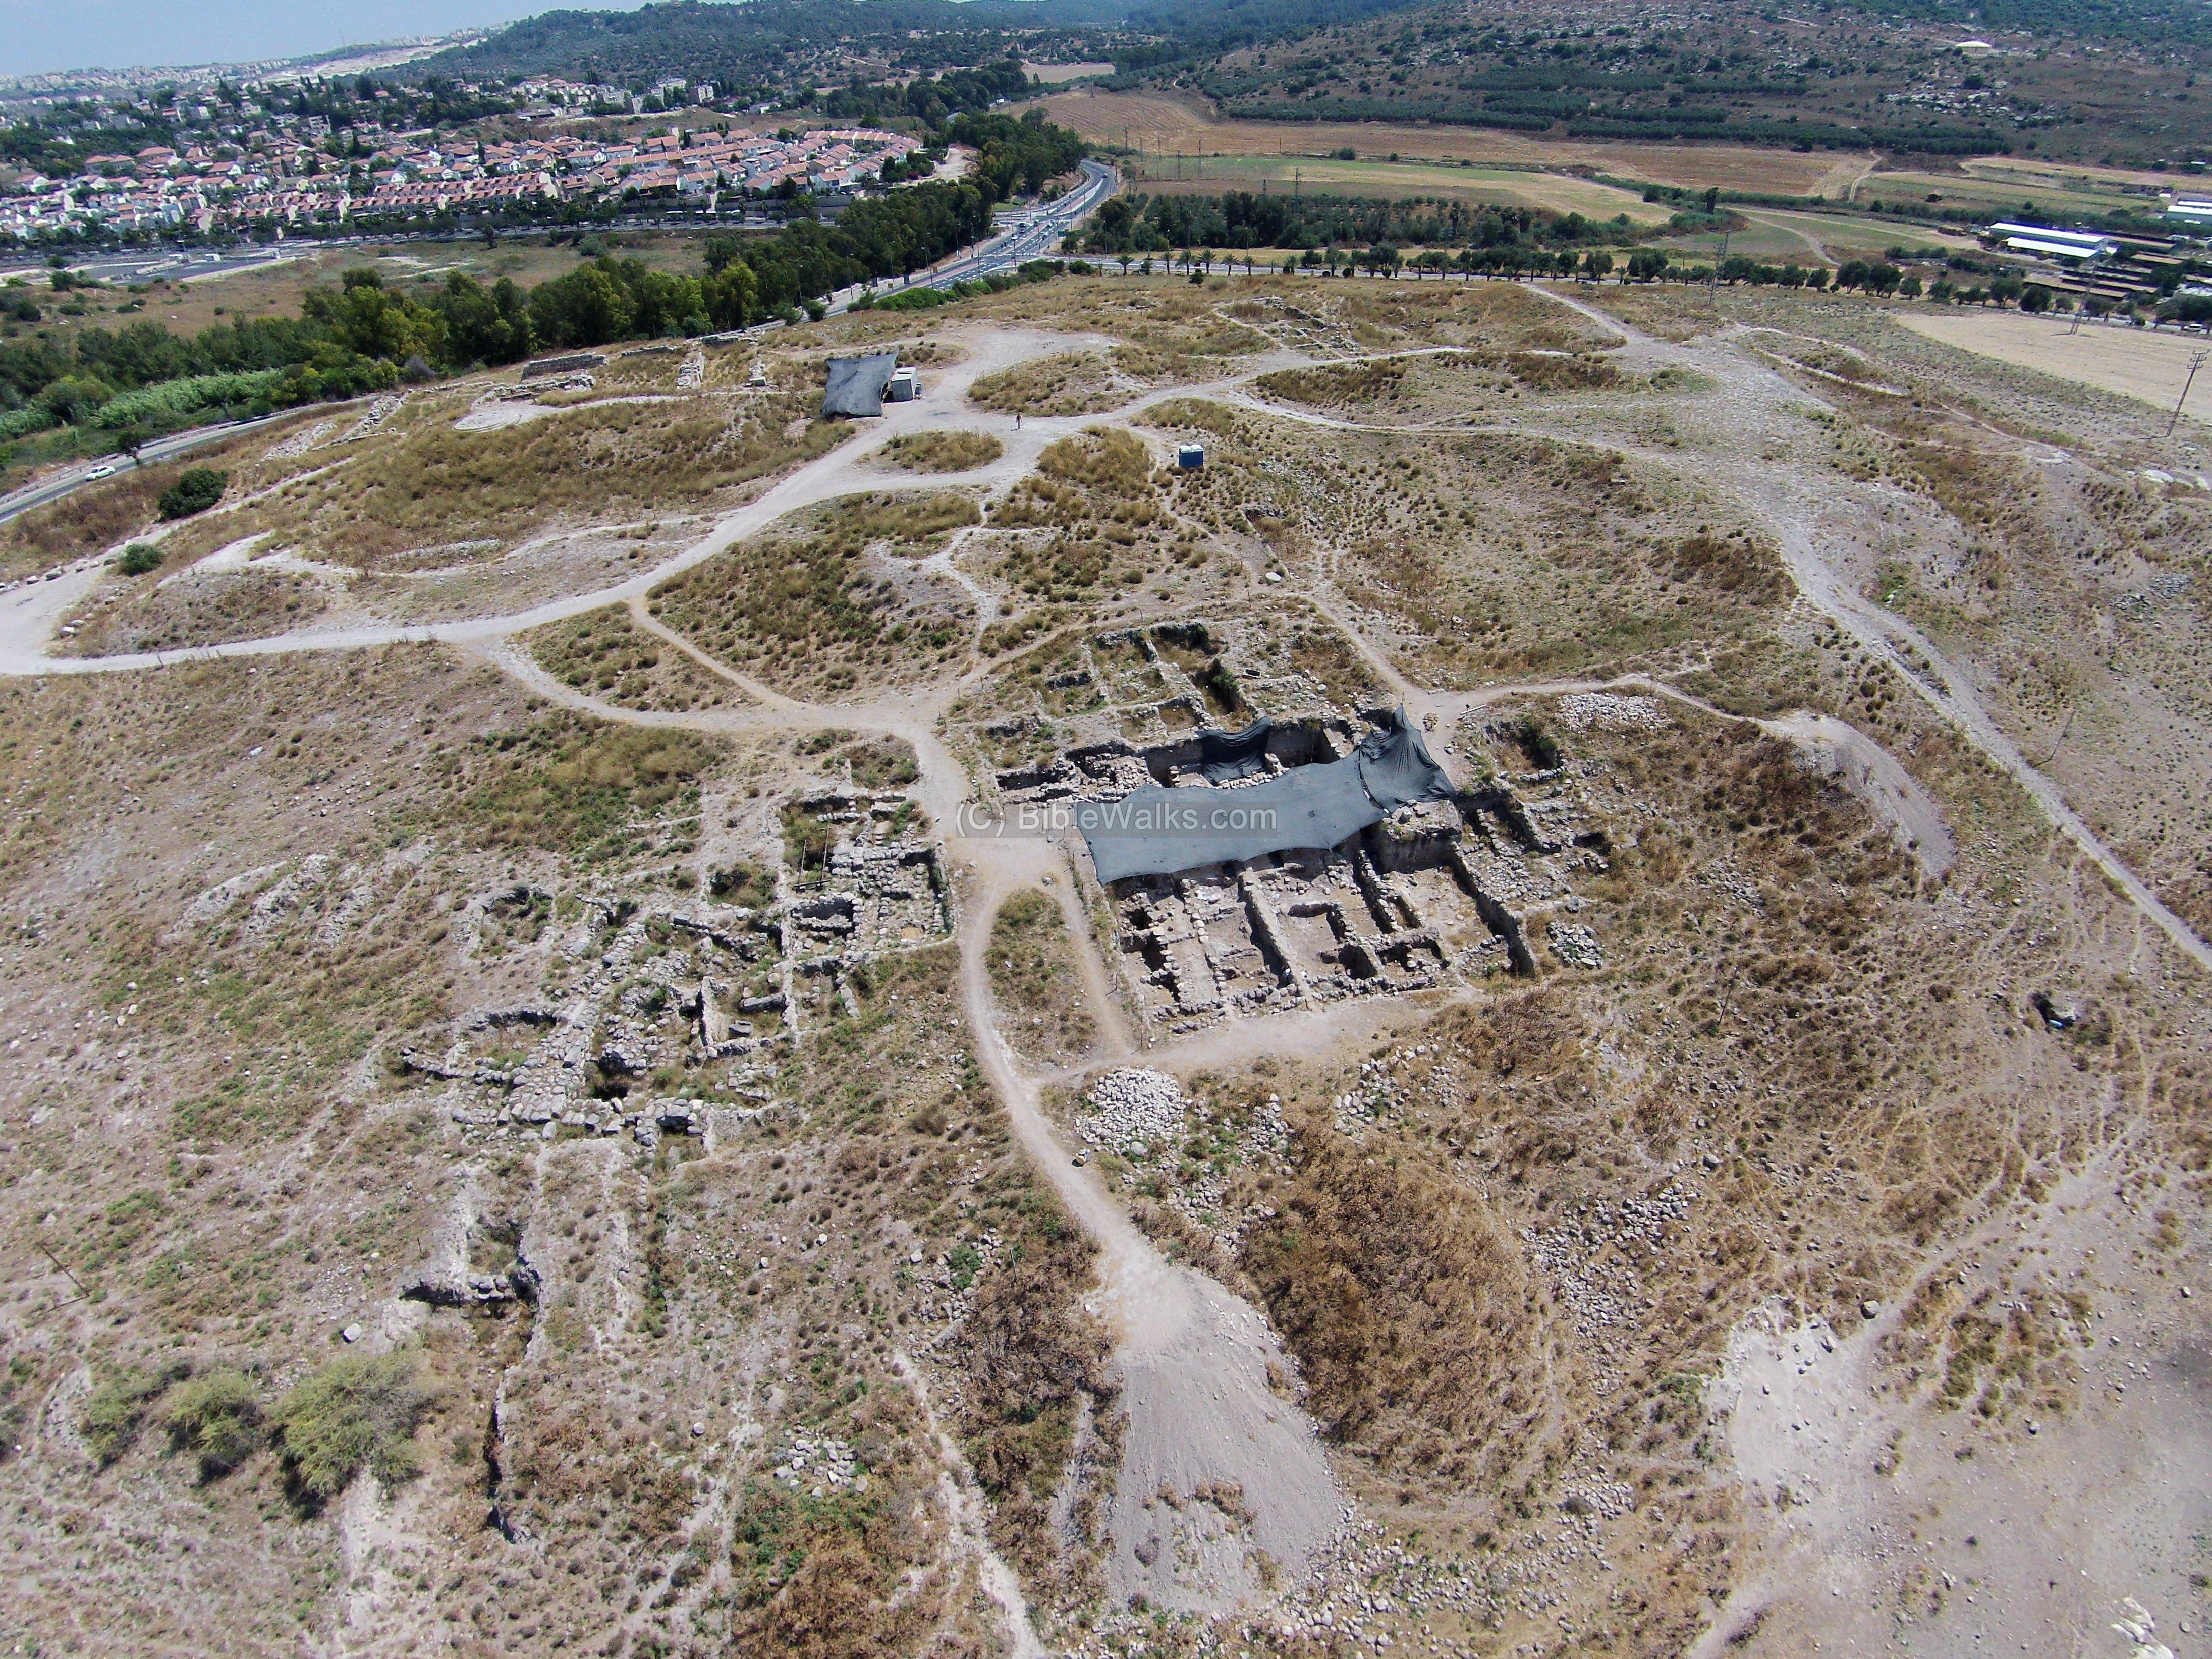 At Beth Shemesh Ark: Tel Beth Shemesh